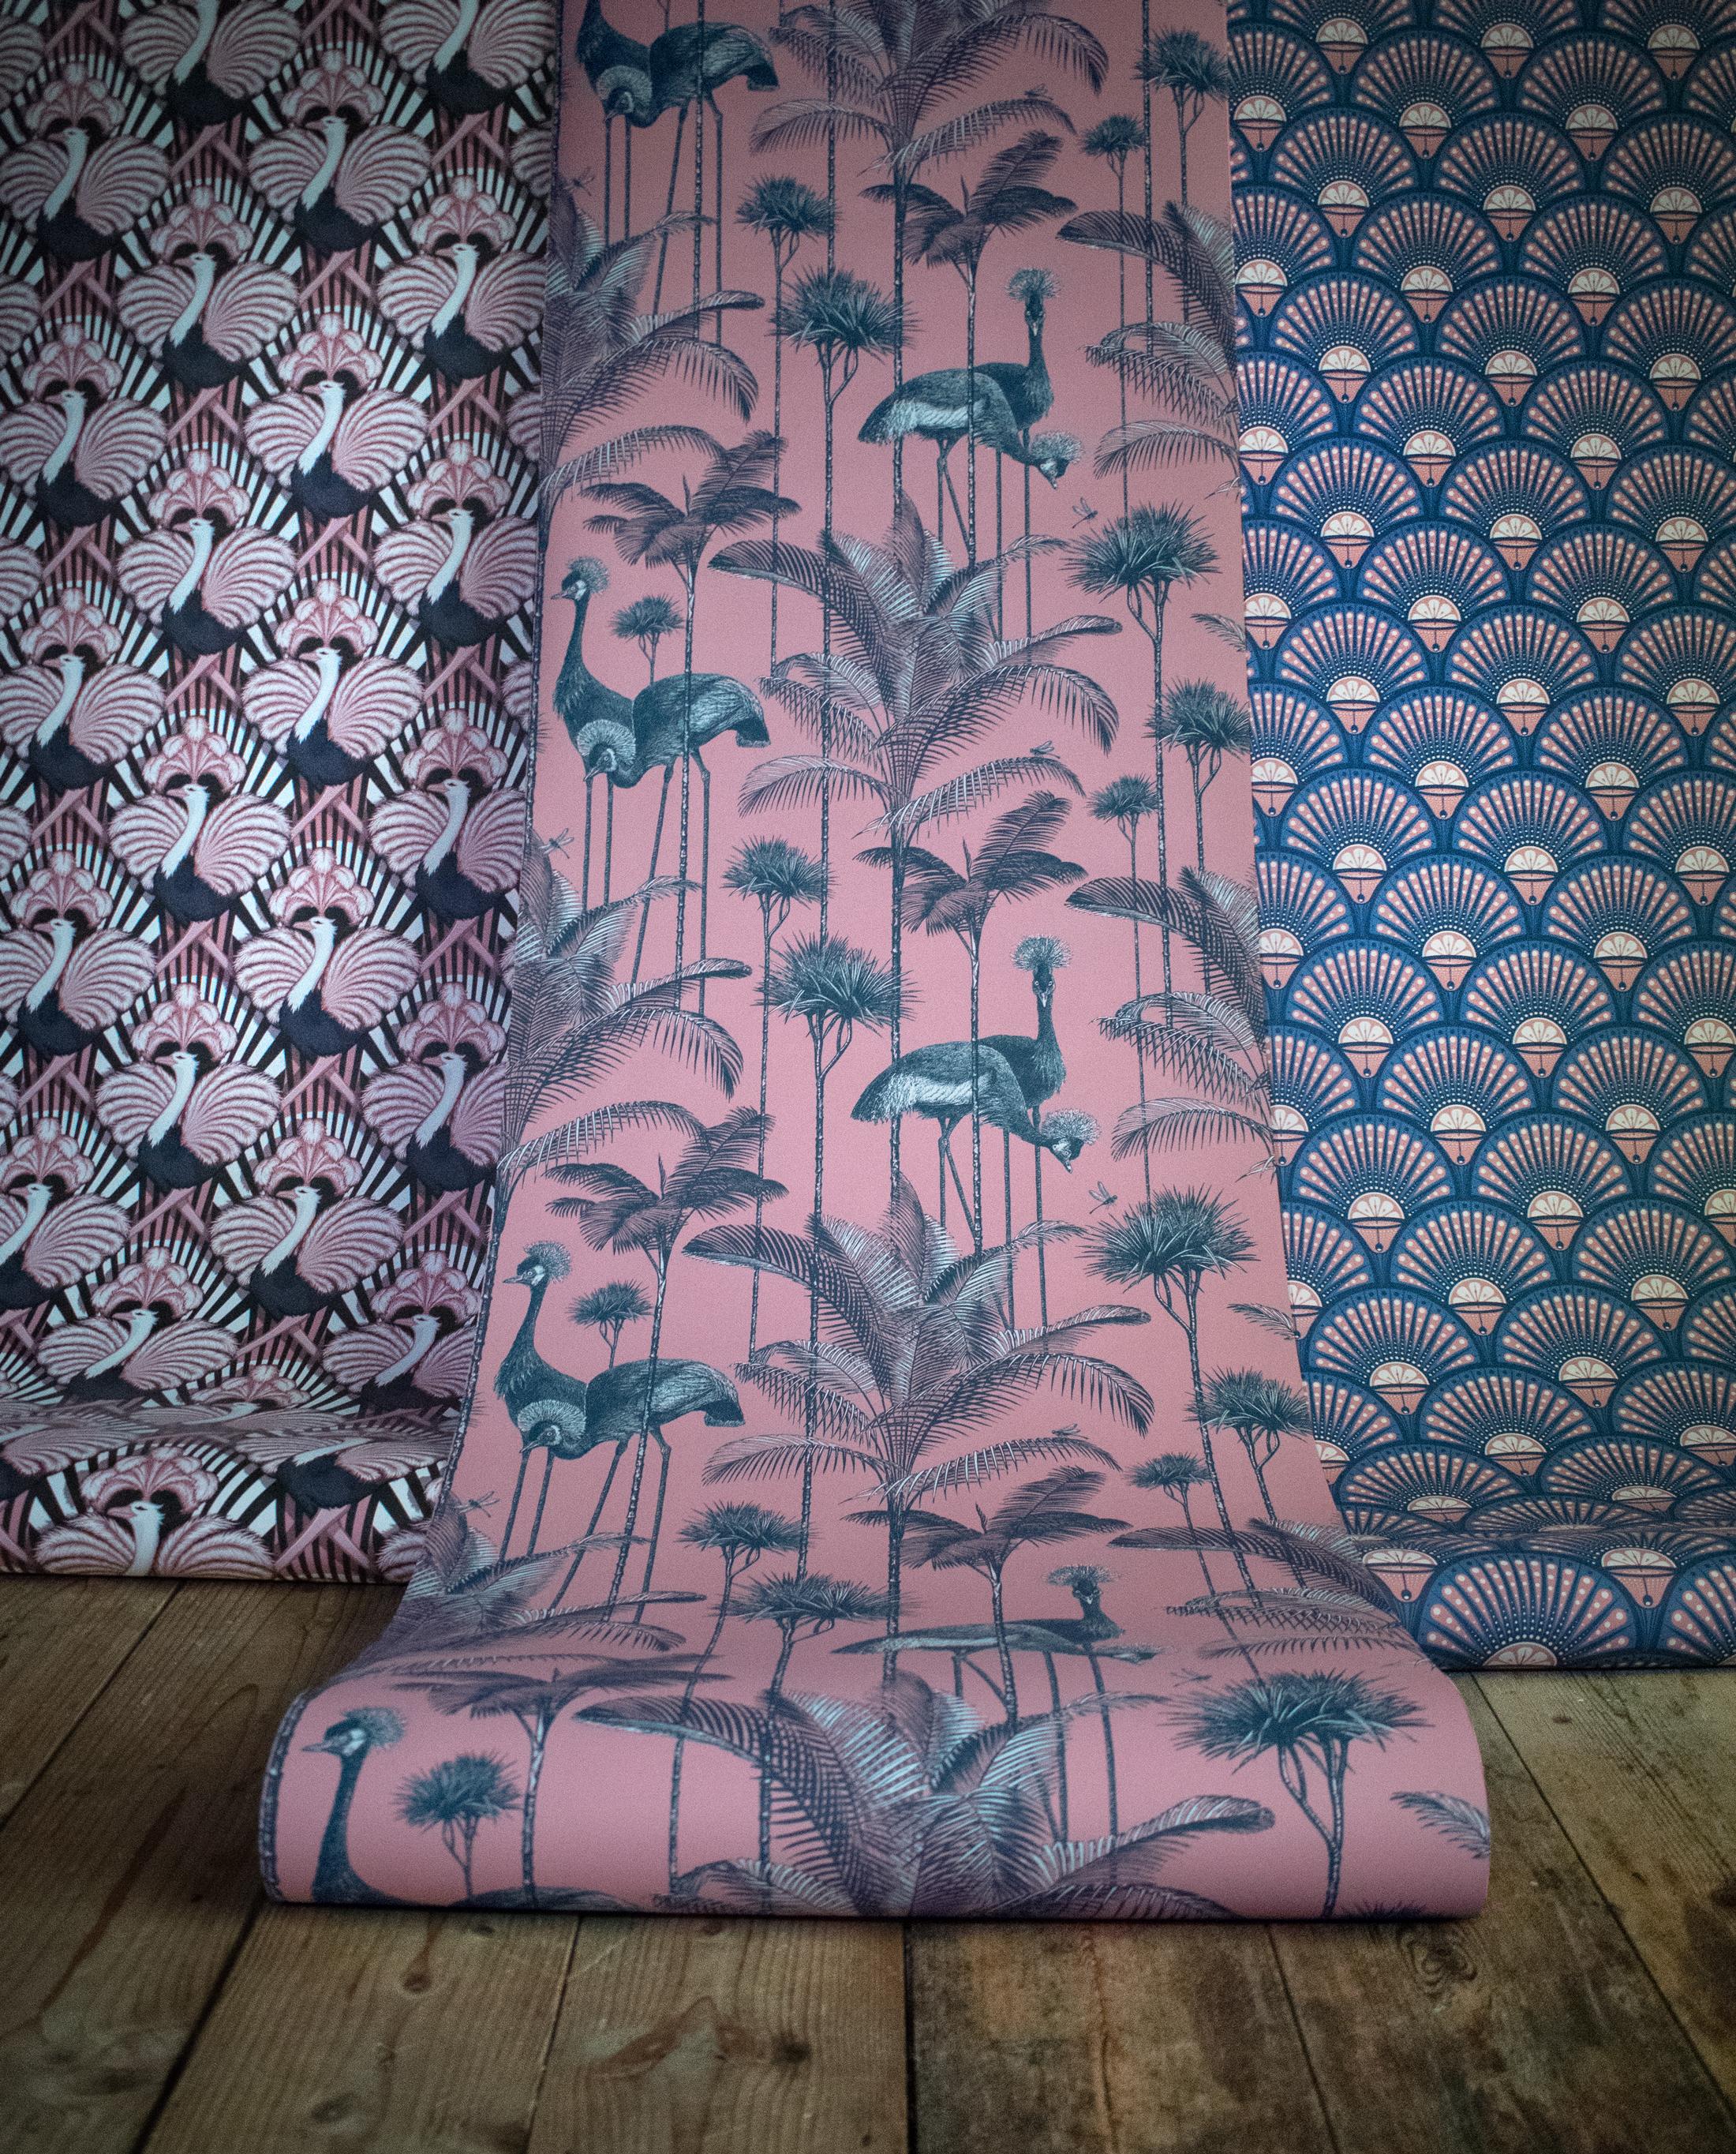 Zsa Zsa, Crane Fonda and DecoMartini are just three of the divine Savages wallpaper designs.